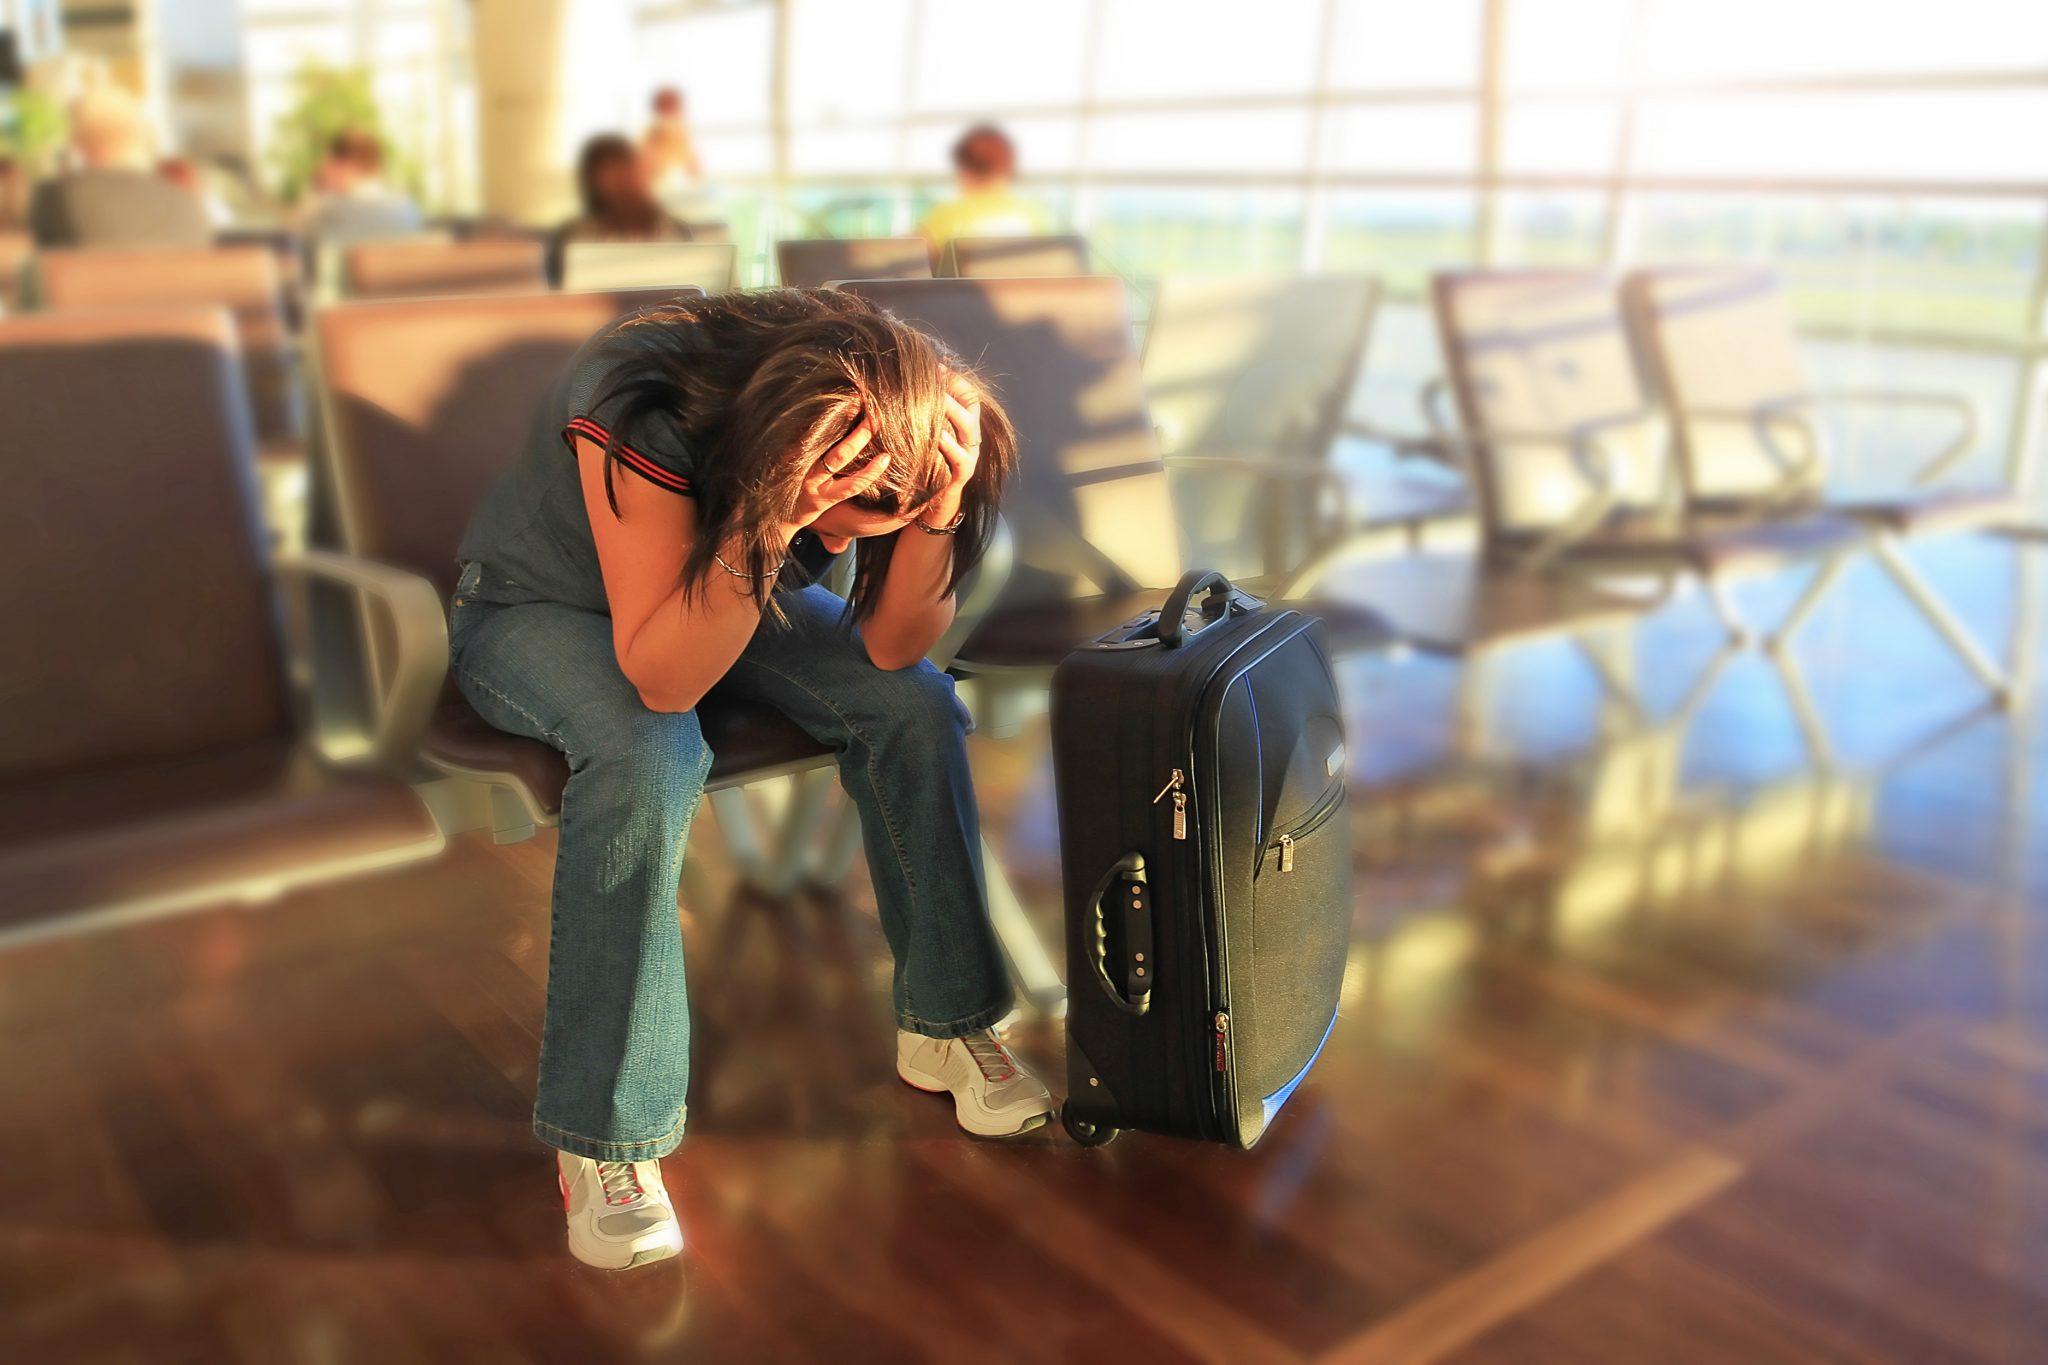 В Правительстве РФ уточнили правила возврата денежных сумм несостоявшимся туристам